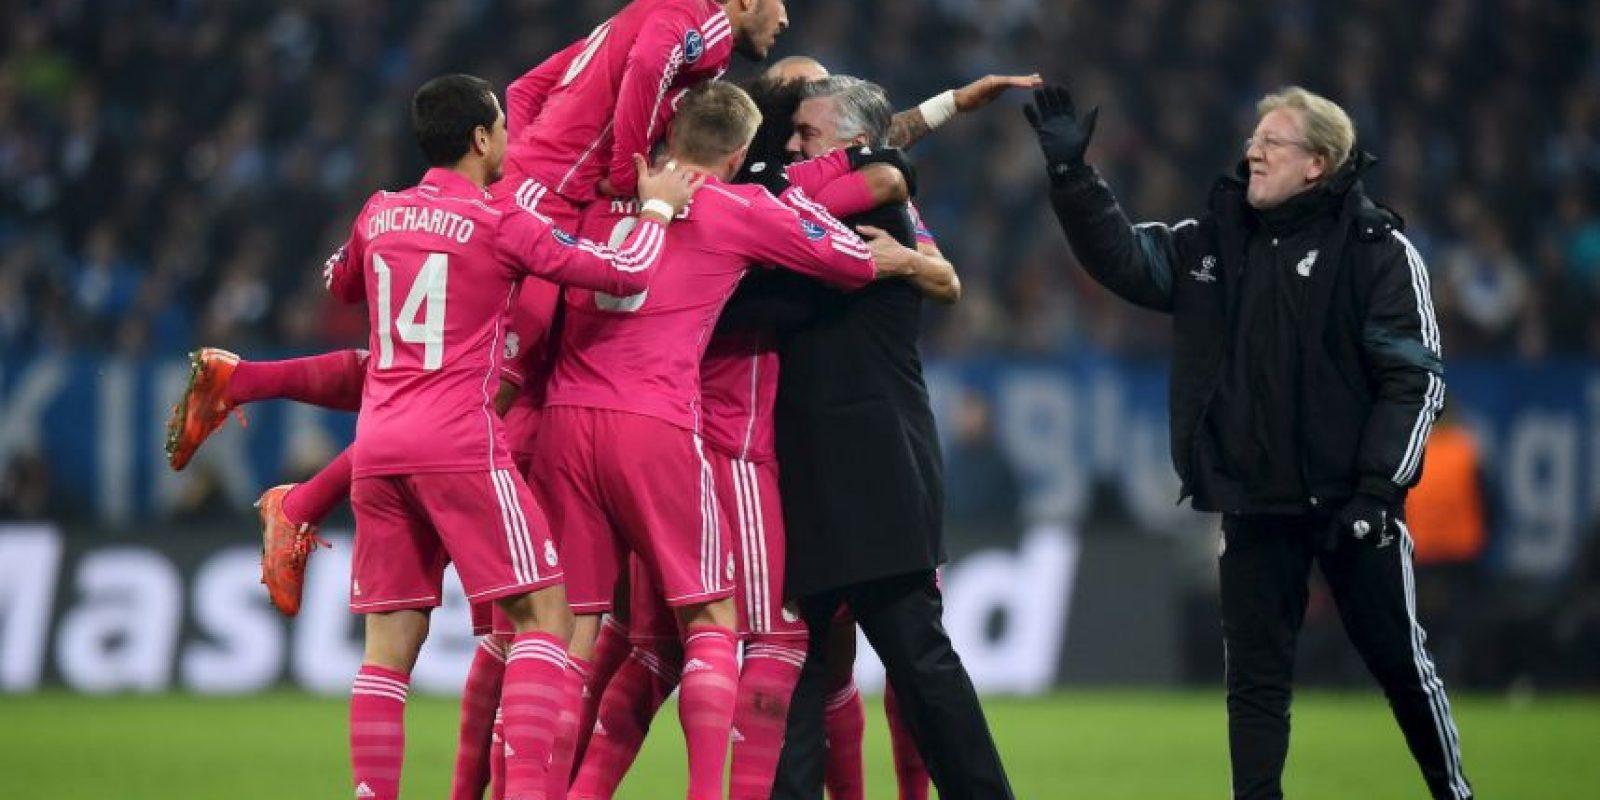 """Florentino Pérez fue quien reconoció este logro del italiano: """"Ancelotti ha logrado que el vestuario sea una familia. Yo nunca había visto tan buen ambiente entre los jugadores. Incluso entre los que compiten por el mismo puesto, cosa que no es fácil en este nivel"""". Foto:Getty Images"""